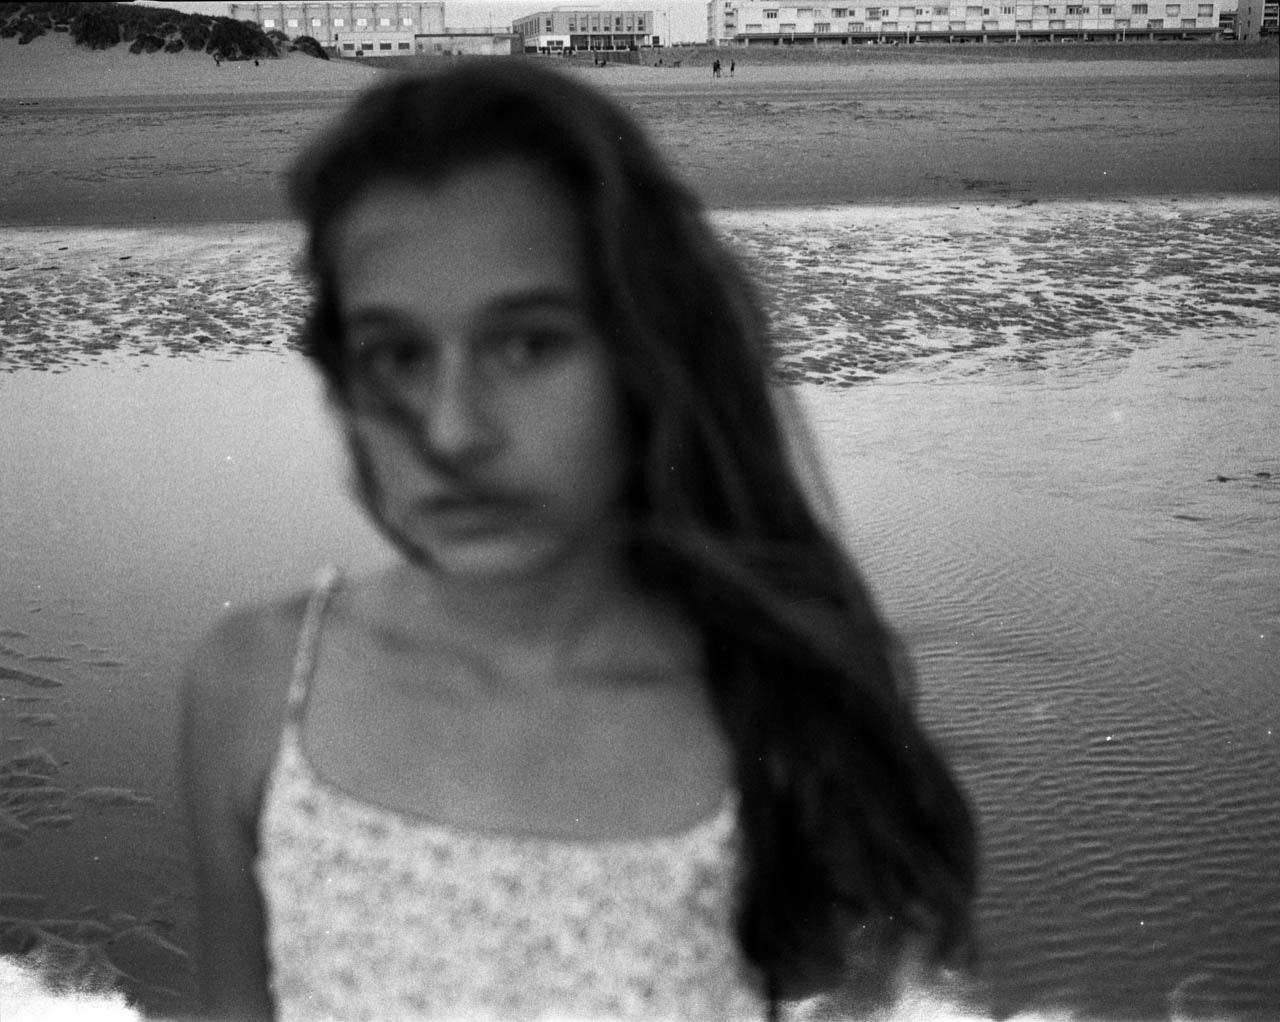 asceneatthesea_lhommedieu-11